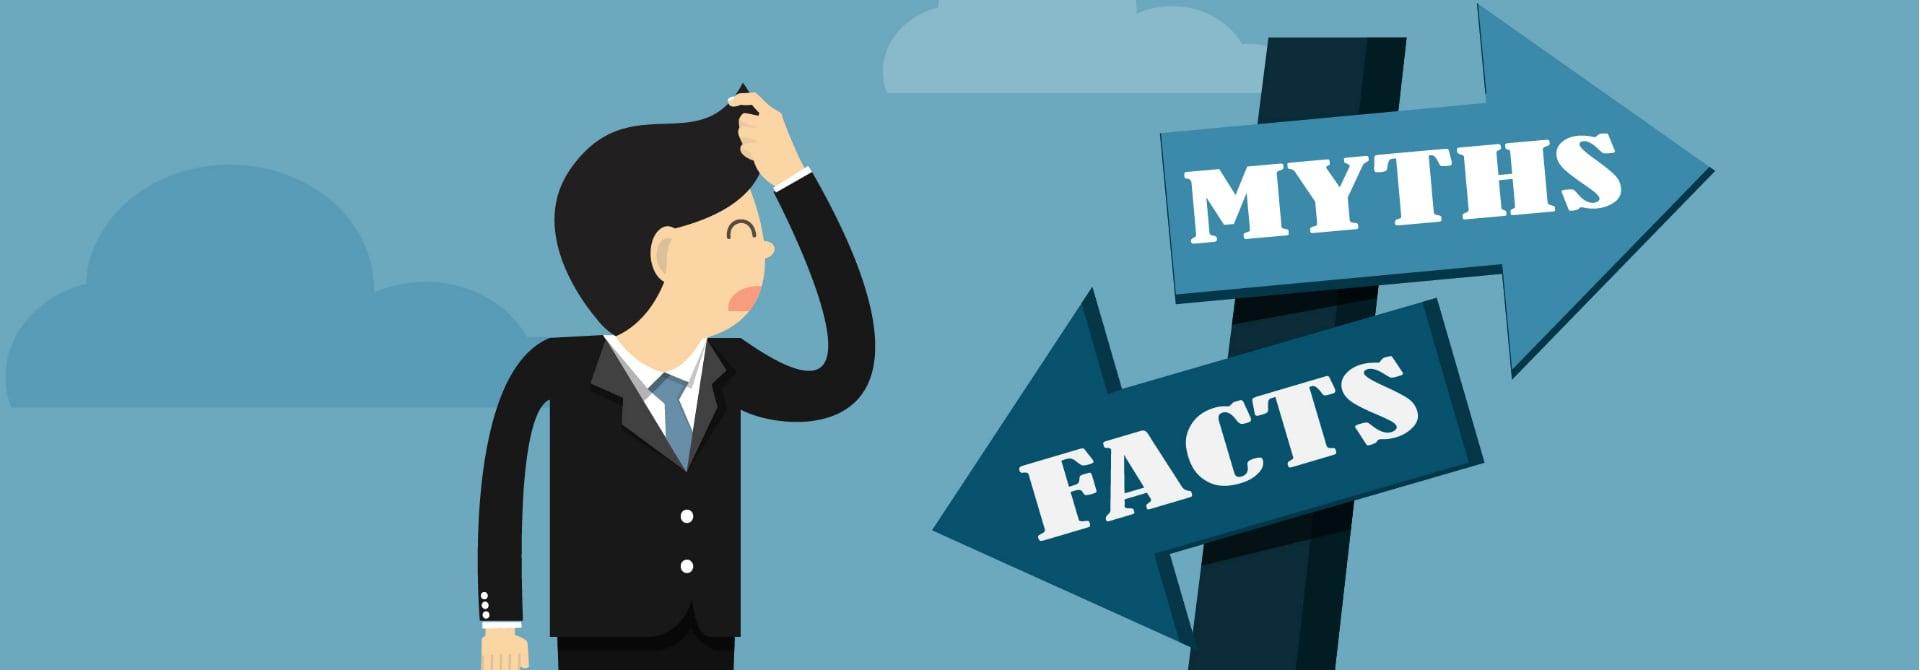 TOP 5 AI MYTHS